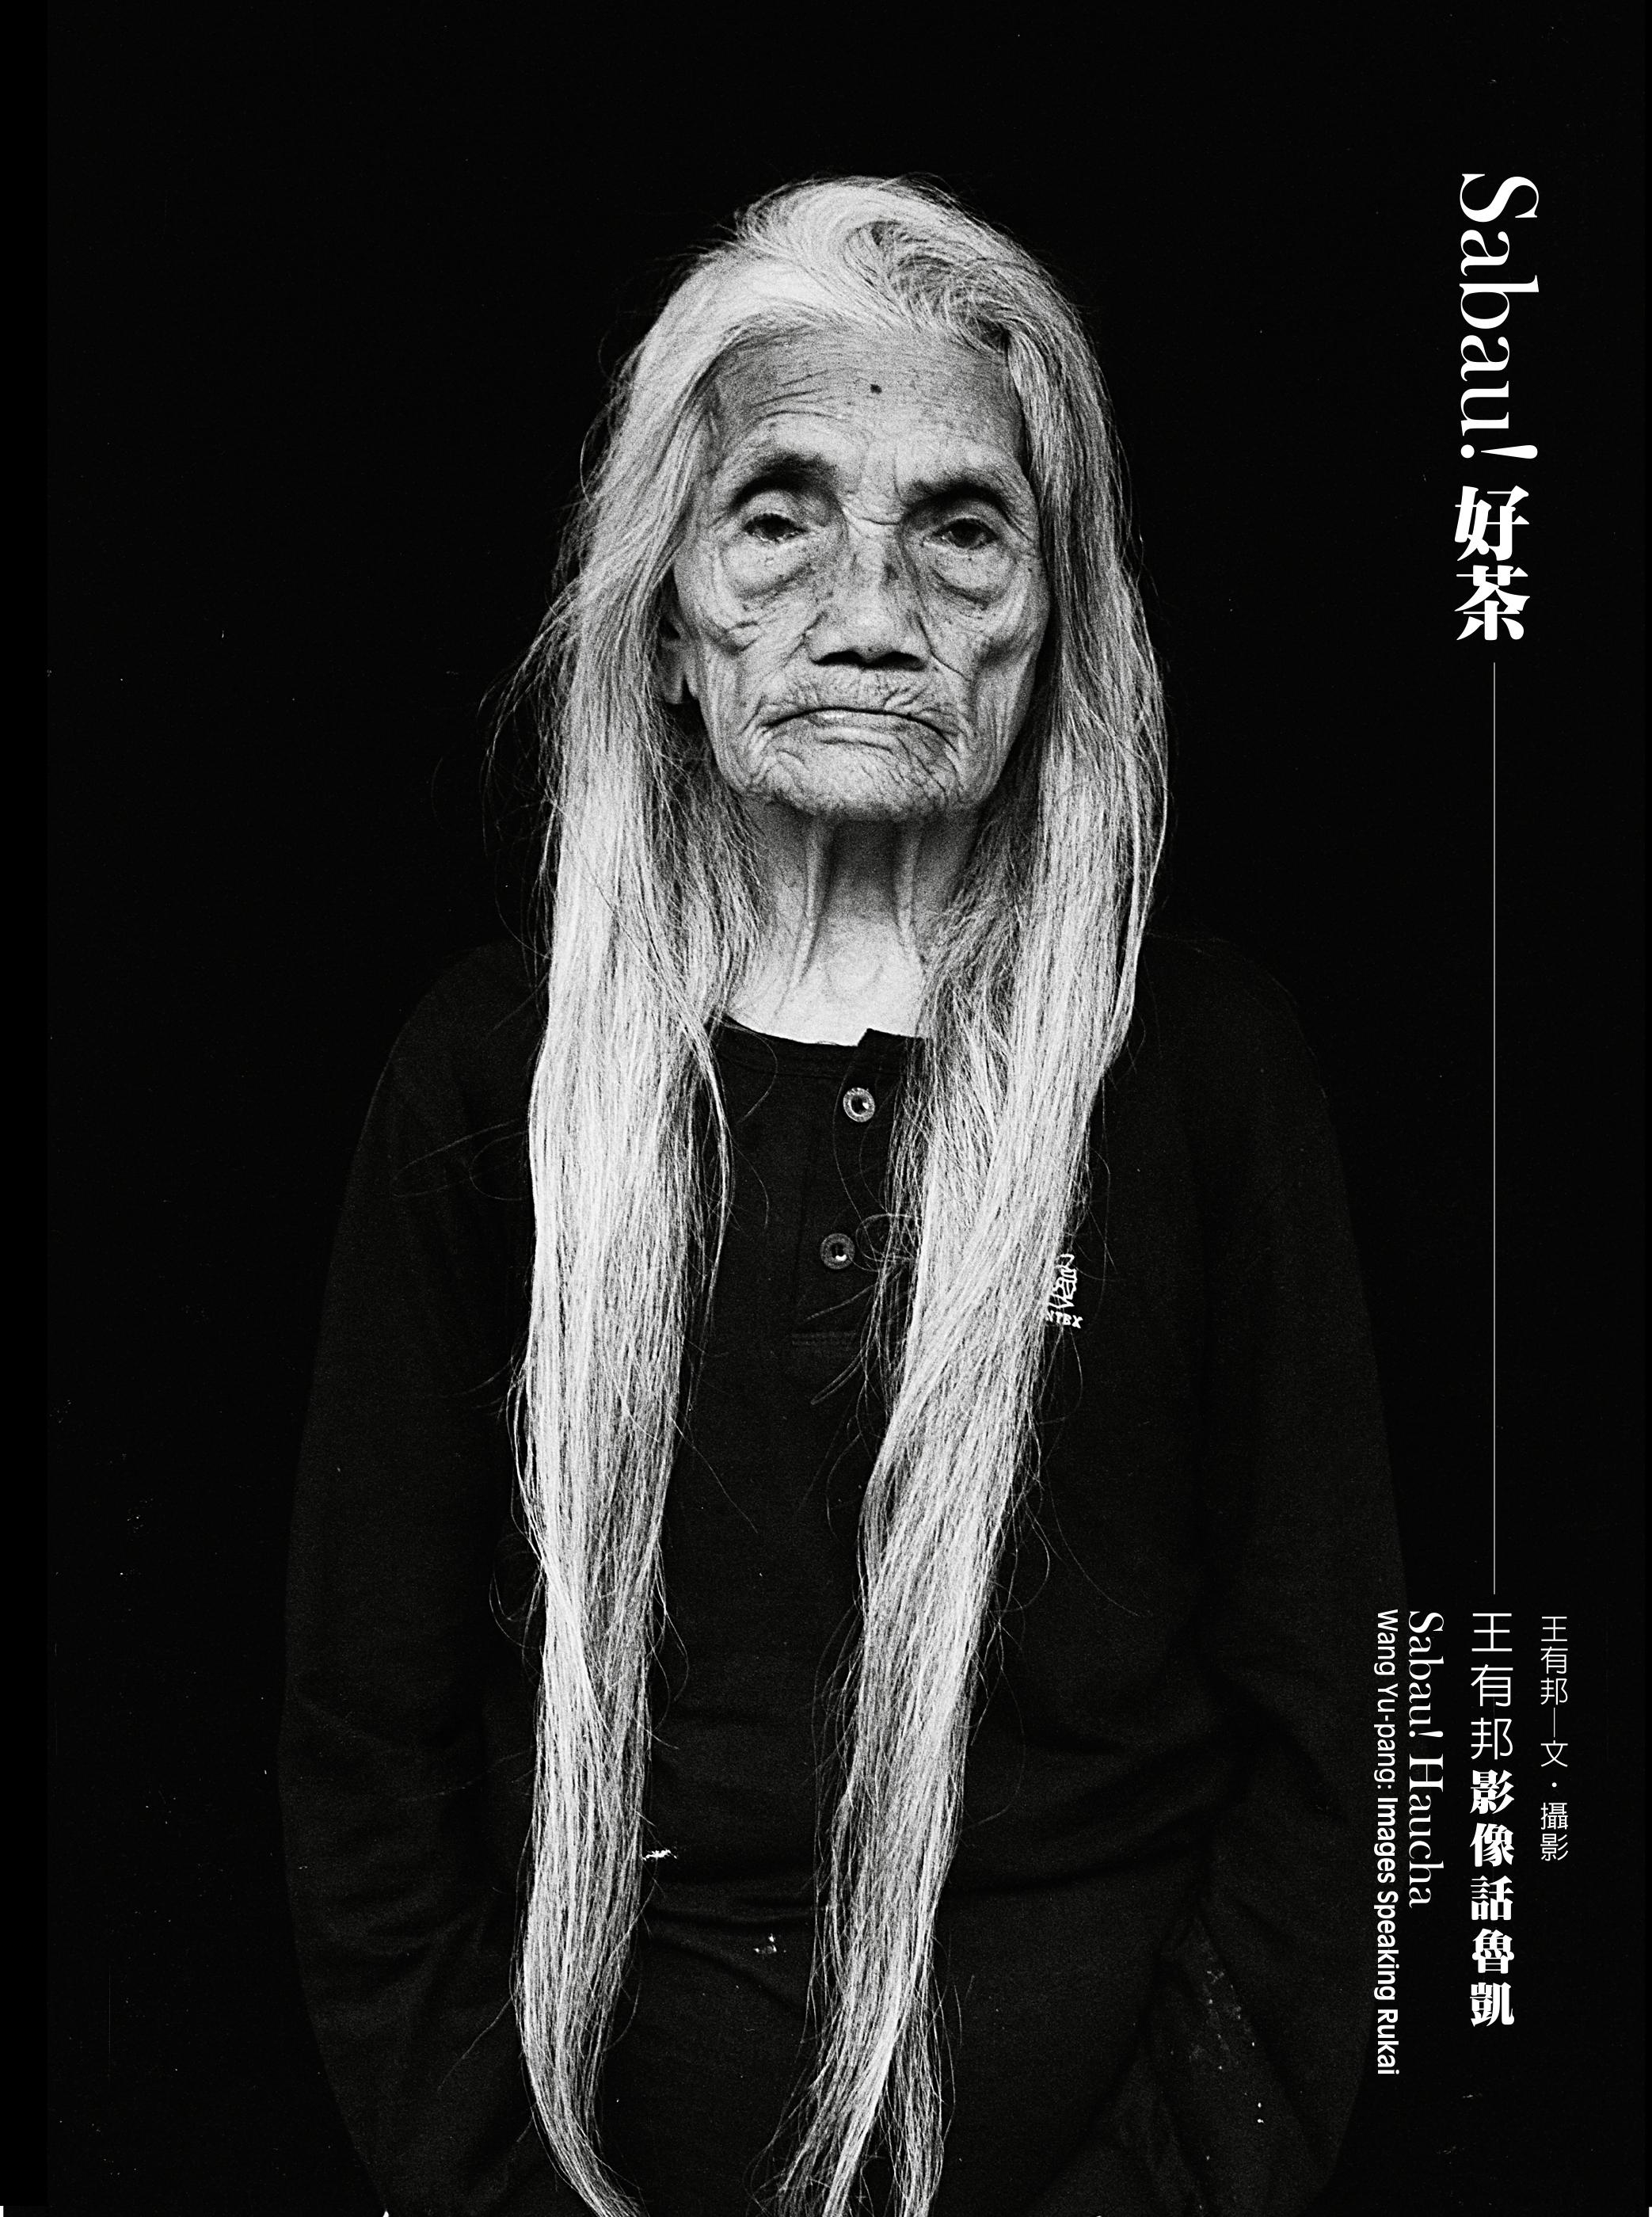 《Sabau!好茶--王有邦影像話魯凱》 Sabau! Haucha --Wang Yu-pang: Image Speaking Rukai